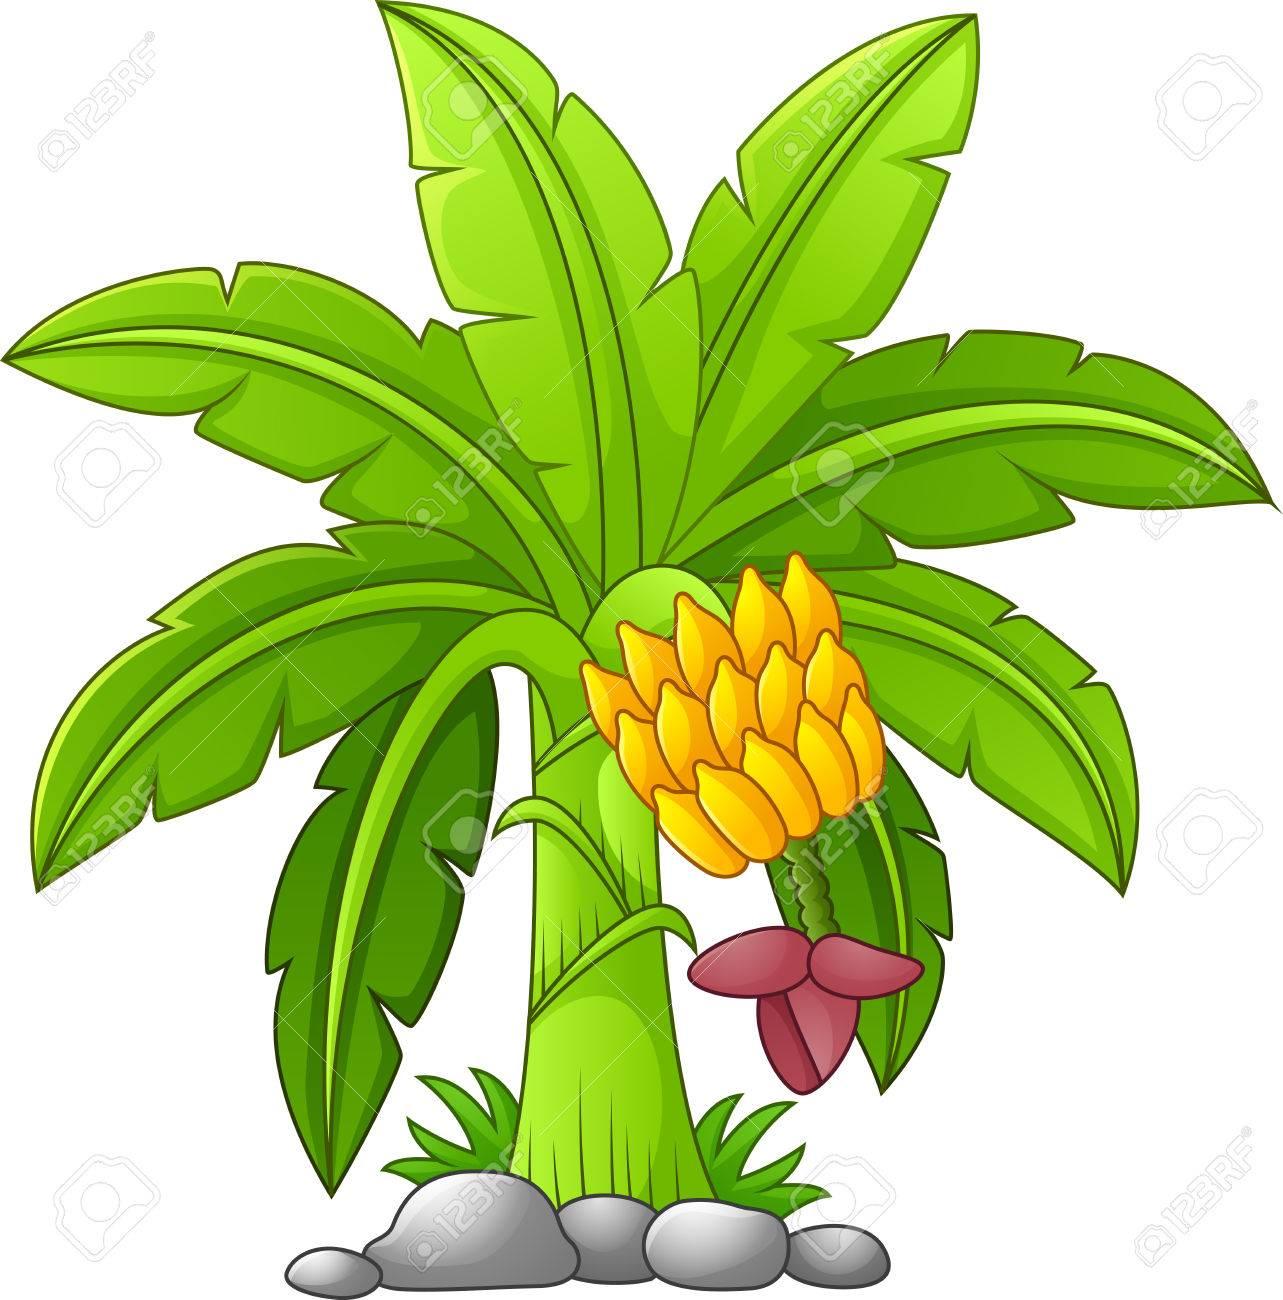 Banana tree clipart 4 » Clipart Station.